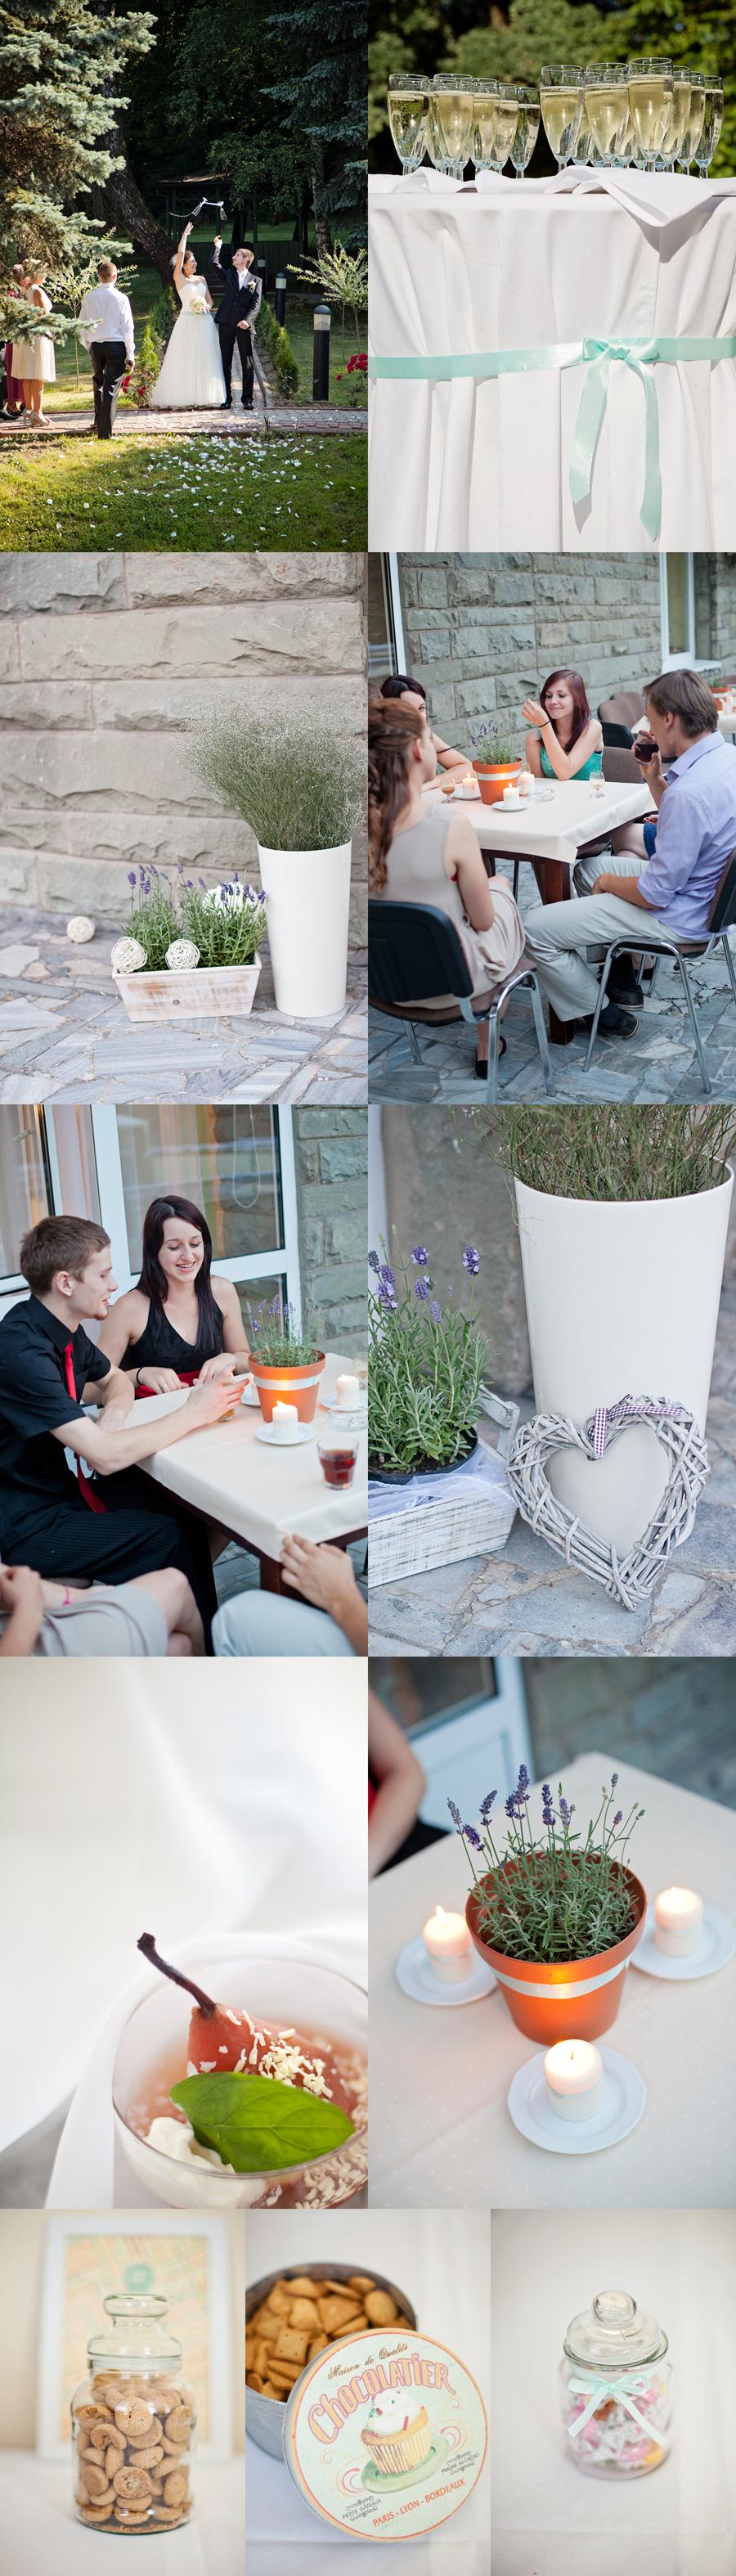 reportaż z przyjęcia weselenego w Krakowie